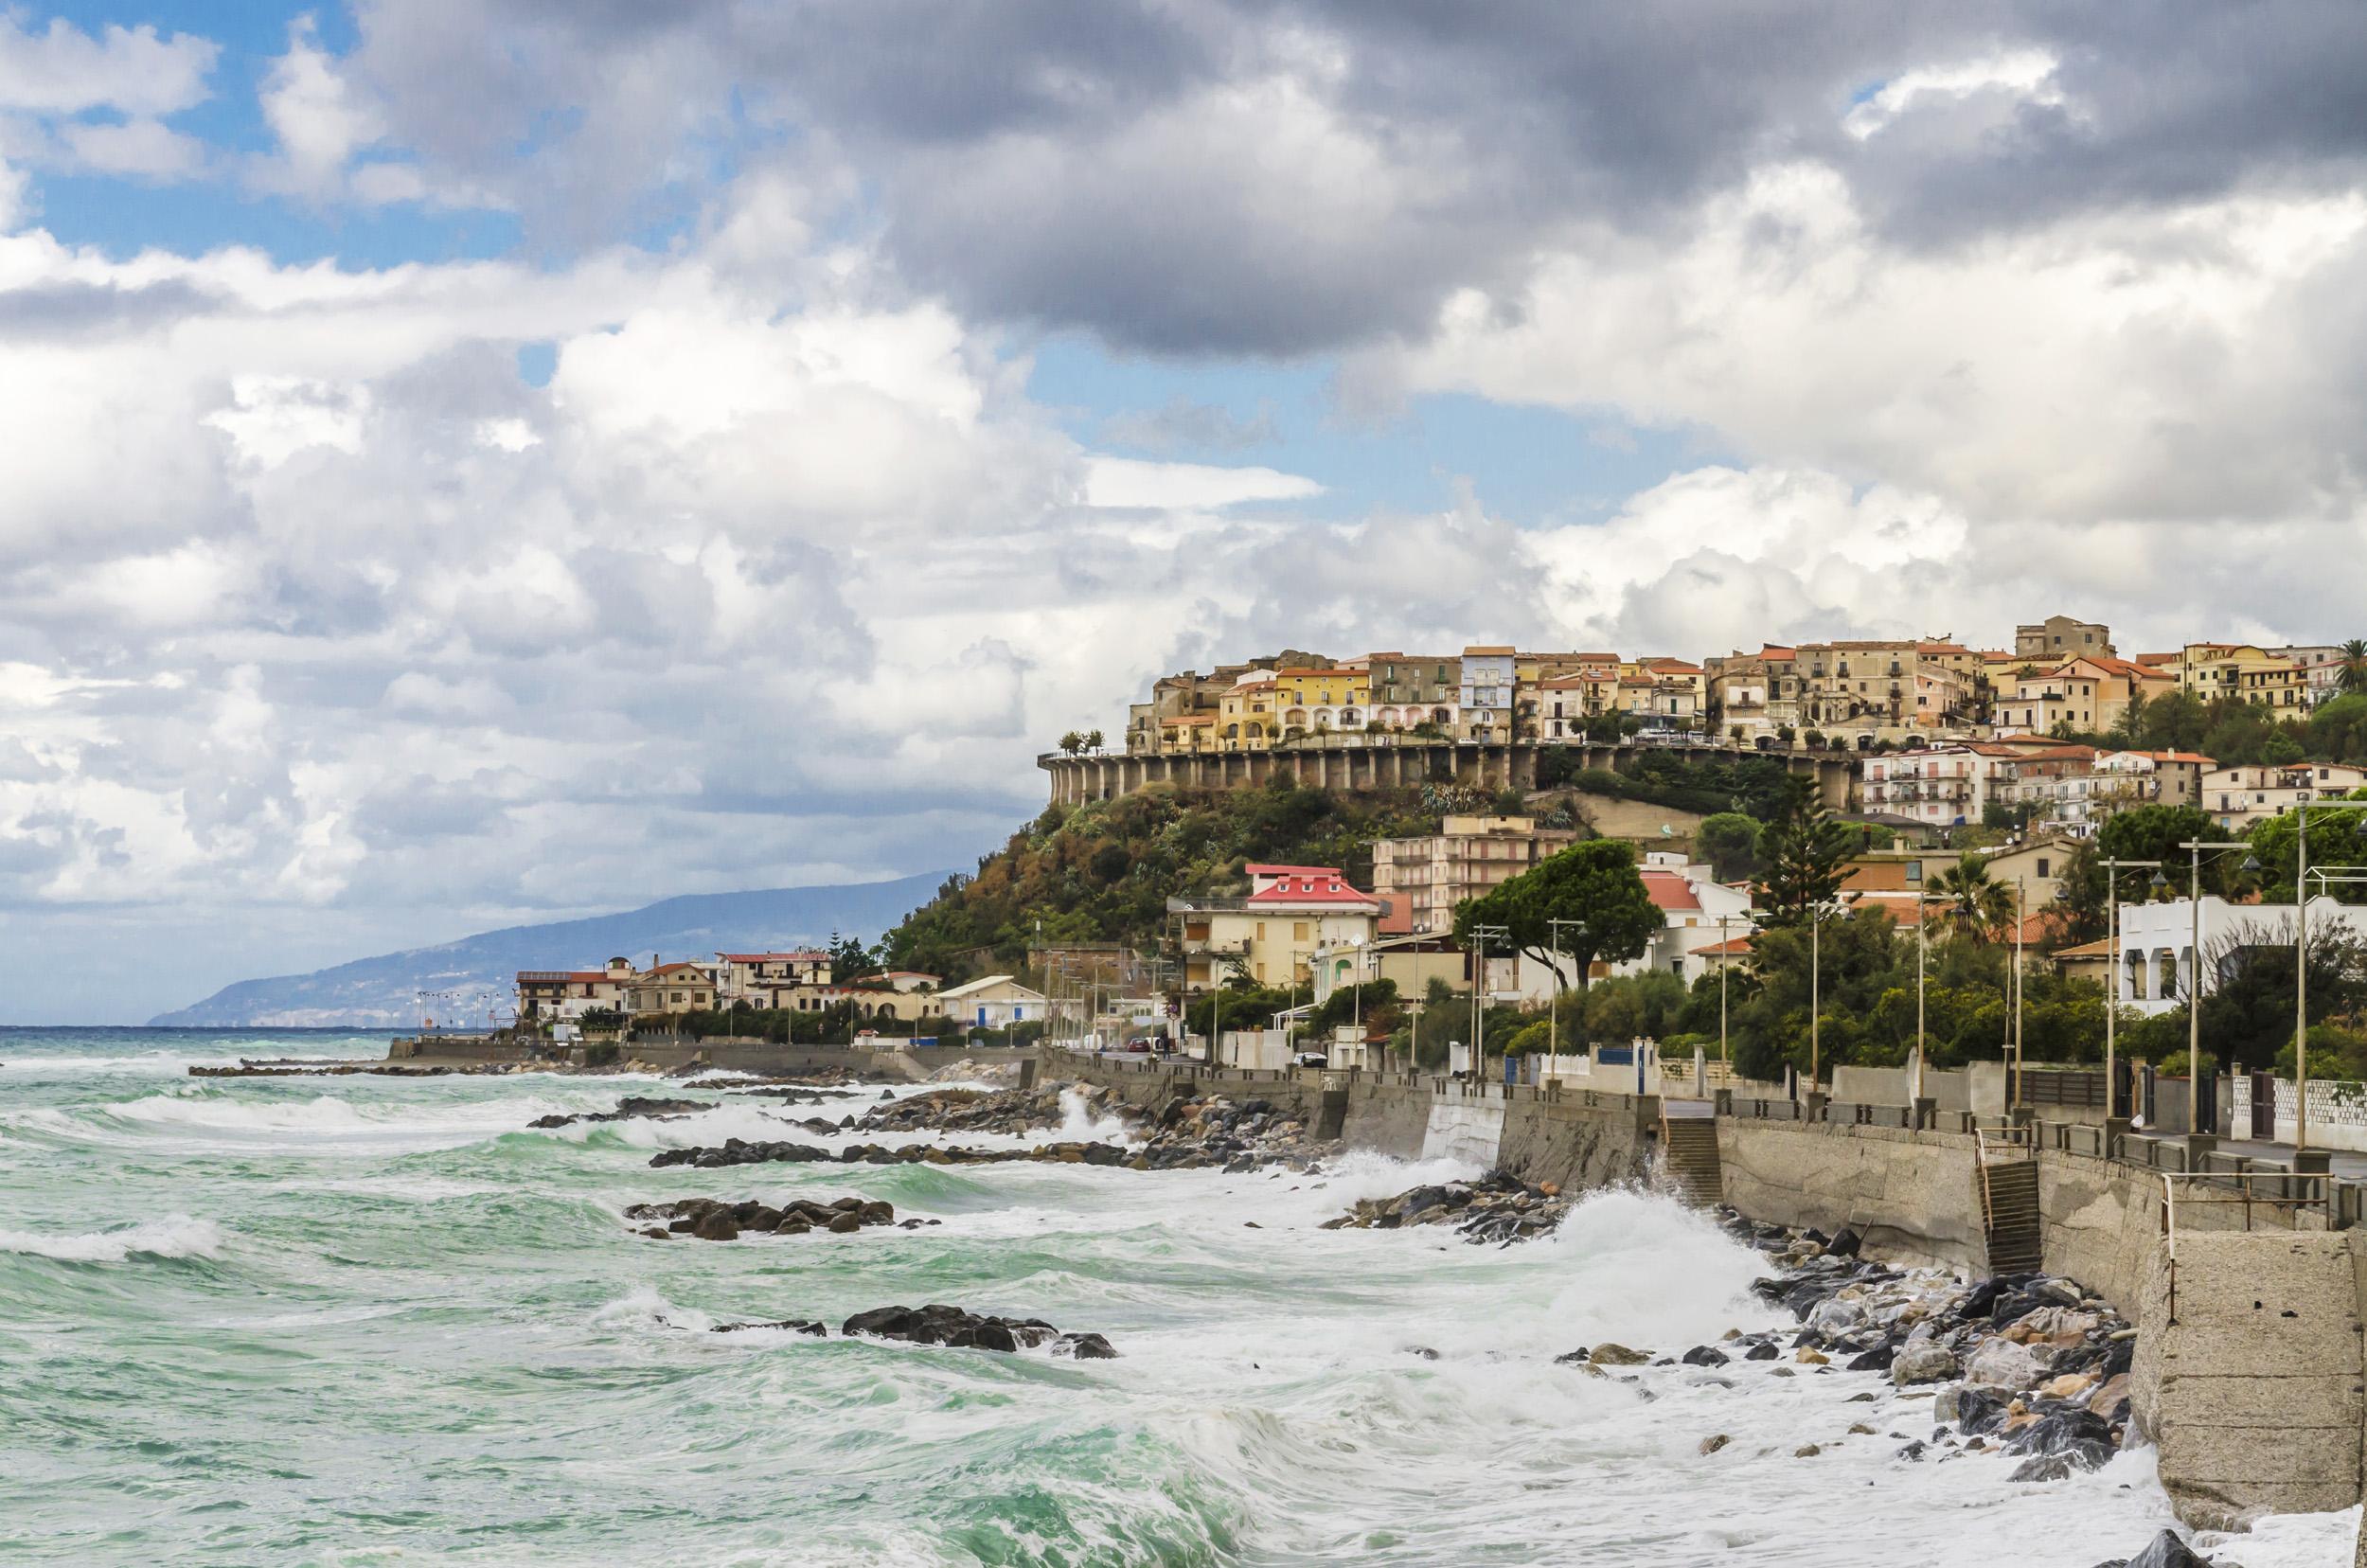 Coastline of Calabria